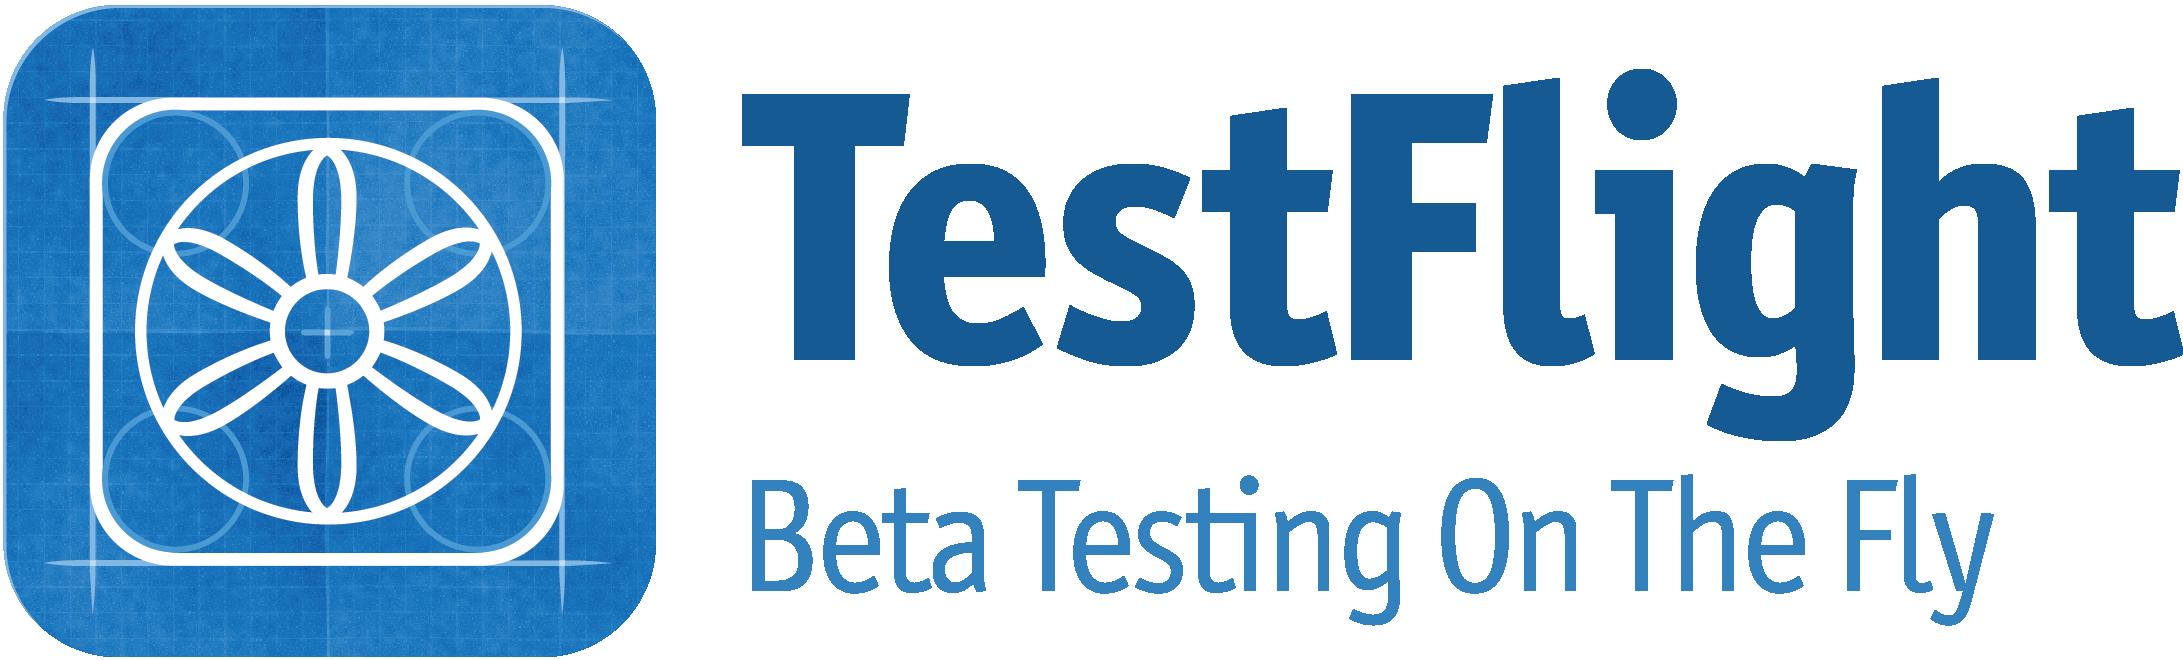 data-applenews-testflight_logo